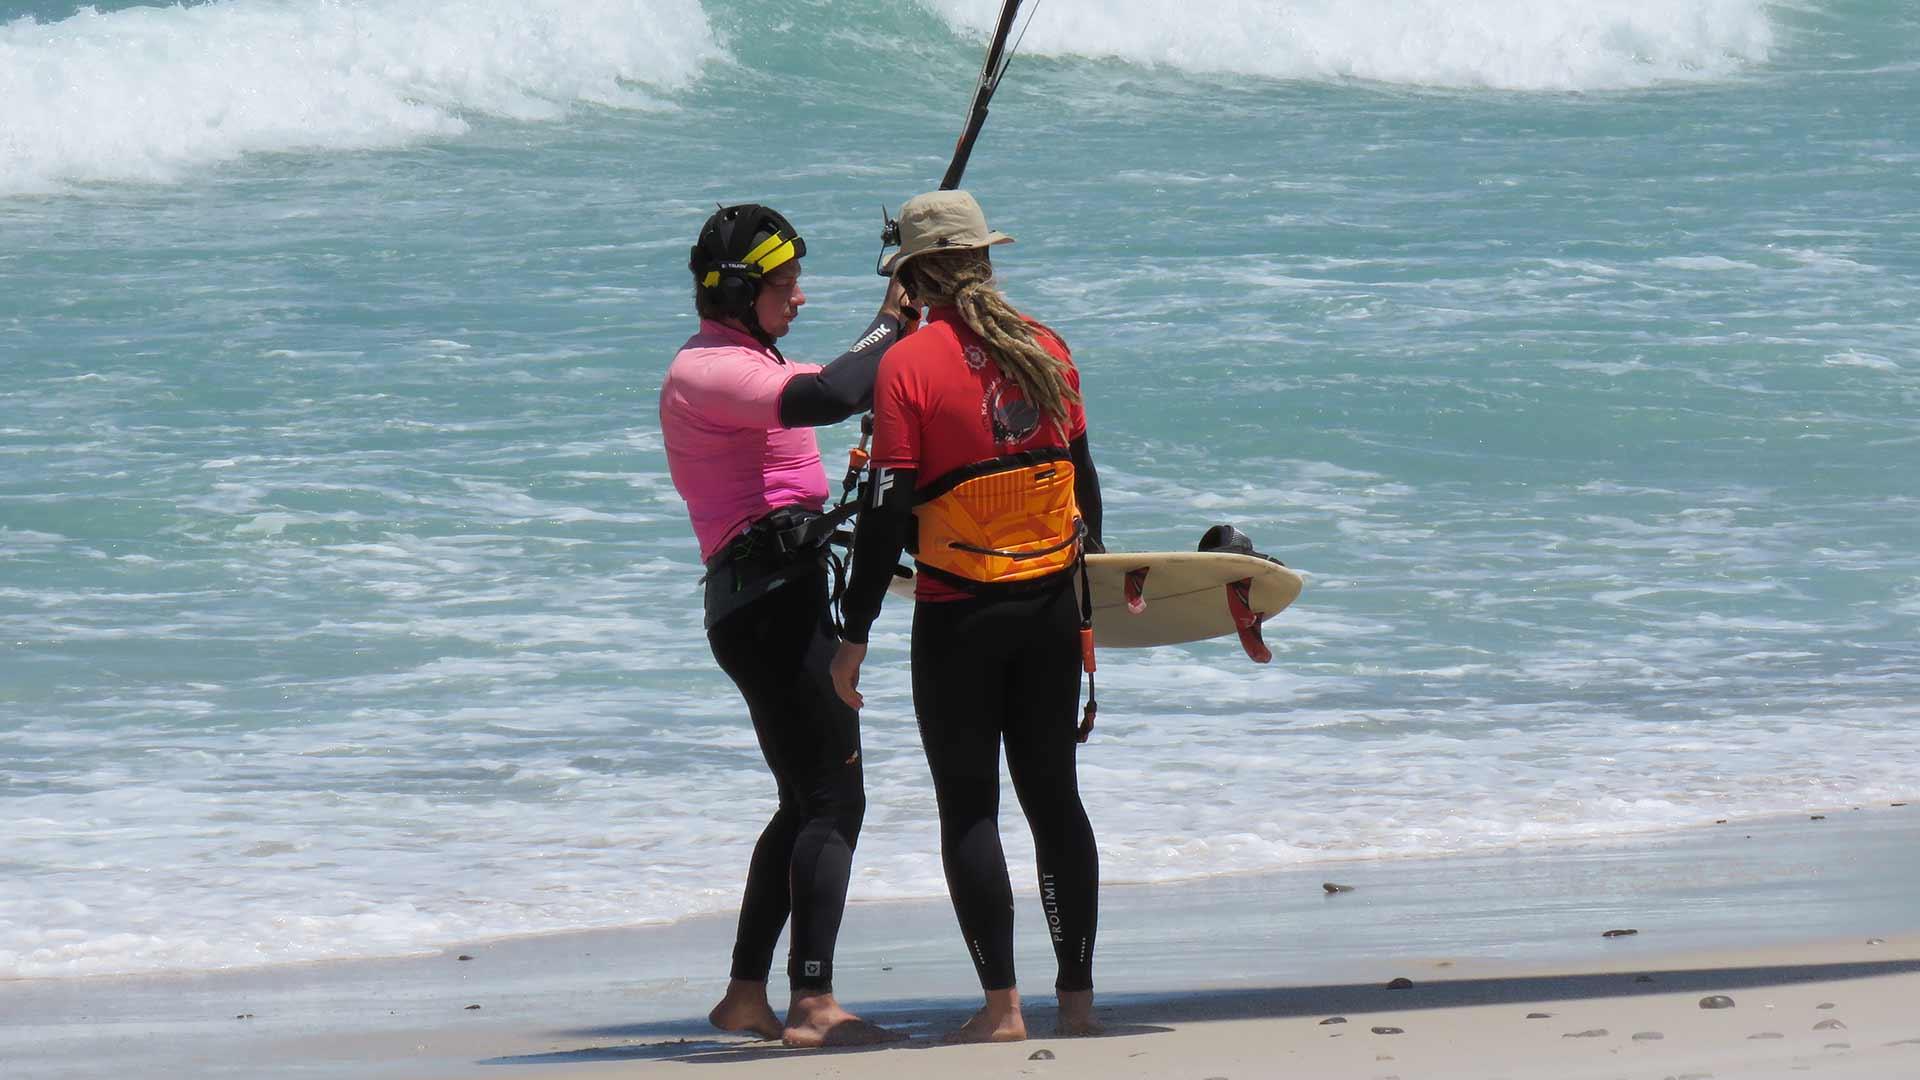 kitesurfing course beginner